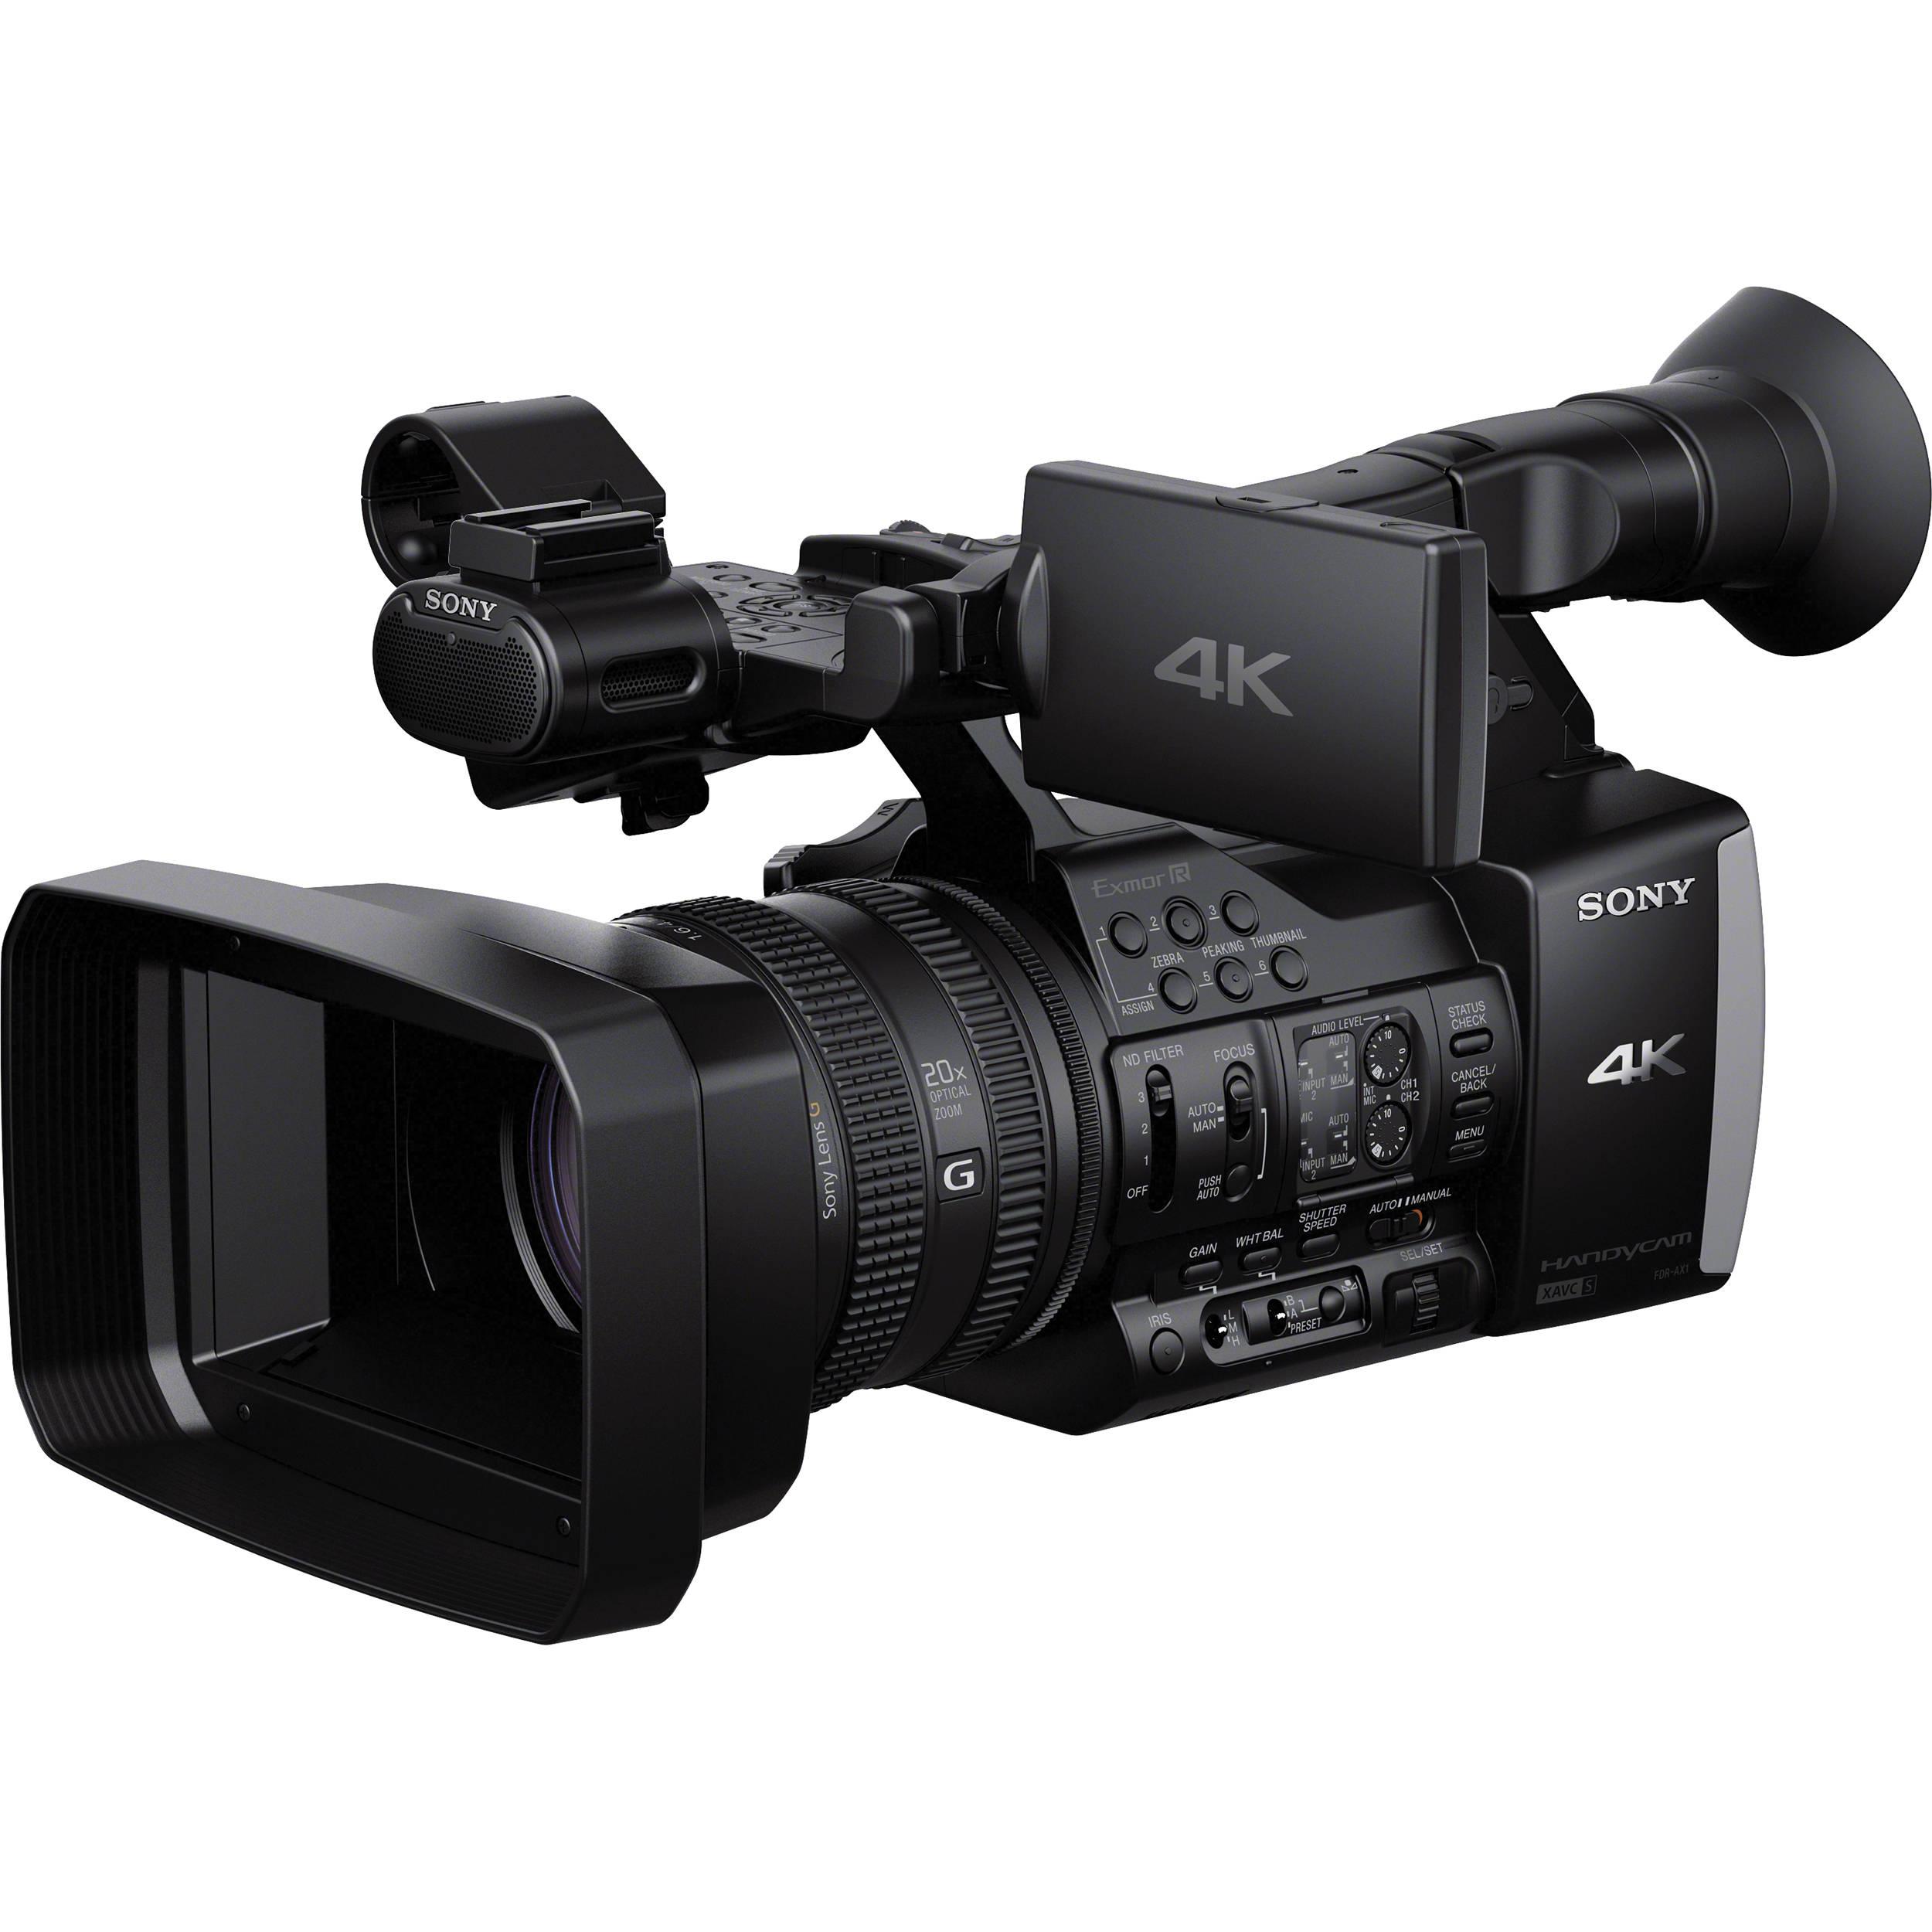 دوربین دیجیتال چهار کا یکی از محصولات به روزی است که قیمتی که برندهای معروف برای آن اعلام می کنند قیمت بالایی هست. ولی شما می توانید از شرکتهای چینی که کیفیت مشابه را فراهم می کنند این کالا را با قیمت مناسب تهیه و واردات آن را انجام دهید.